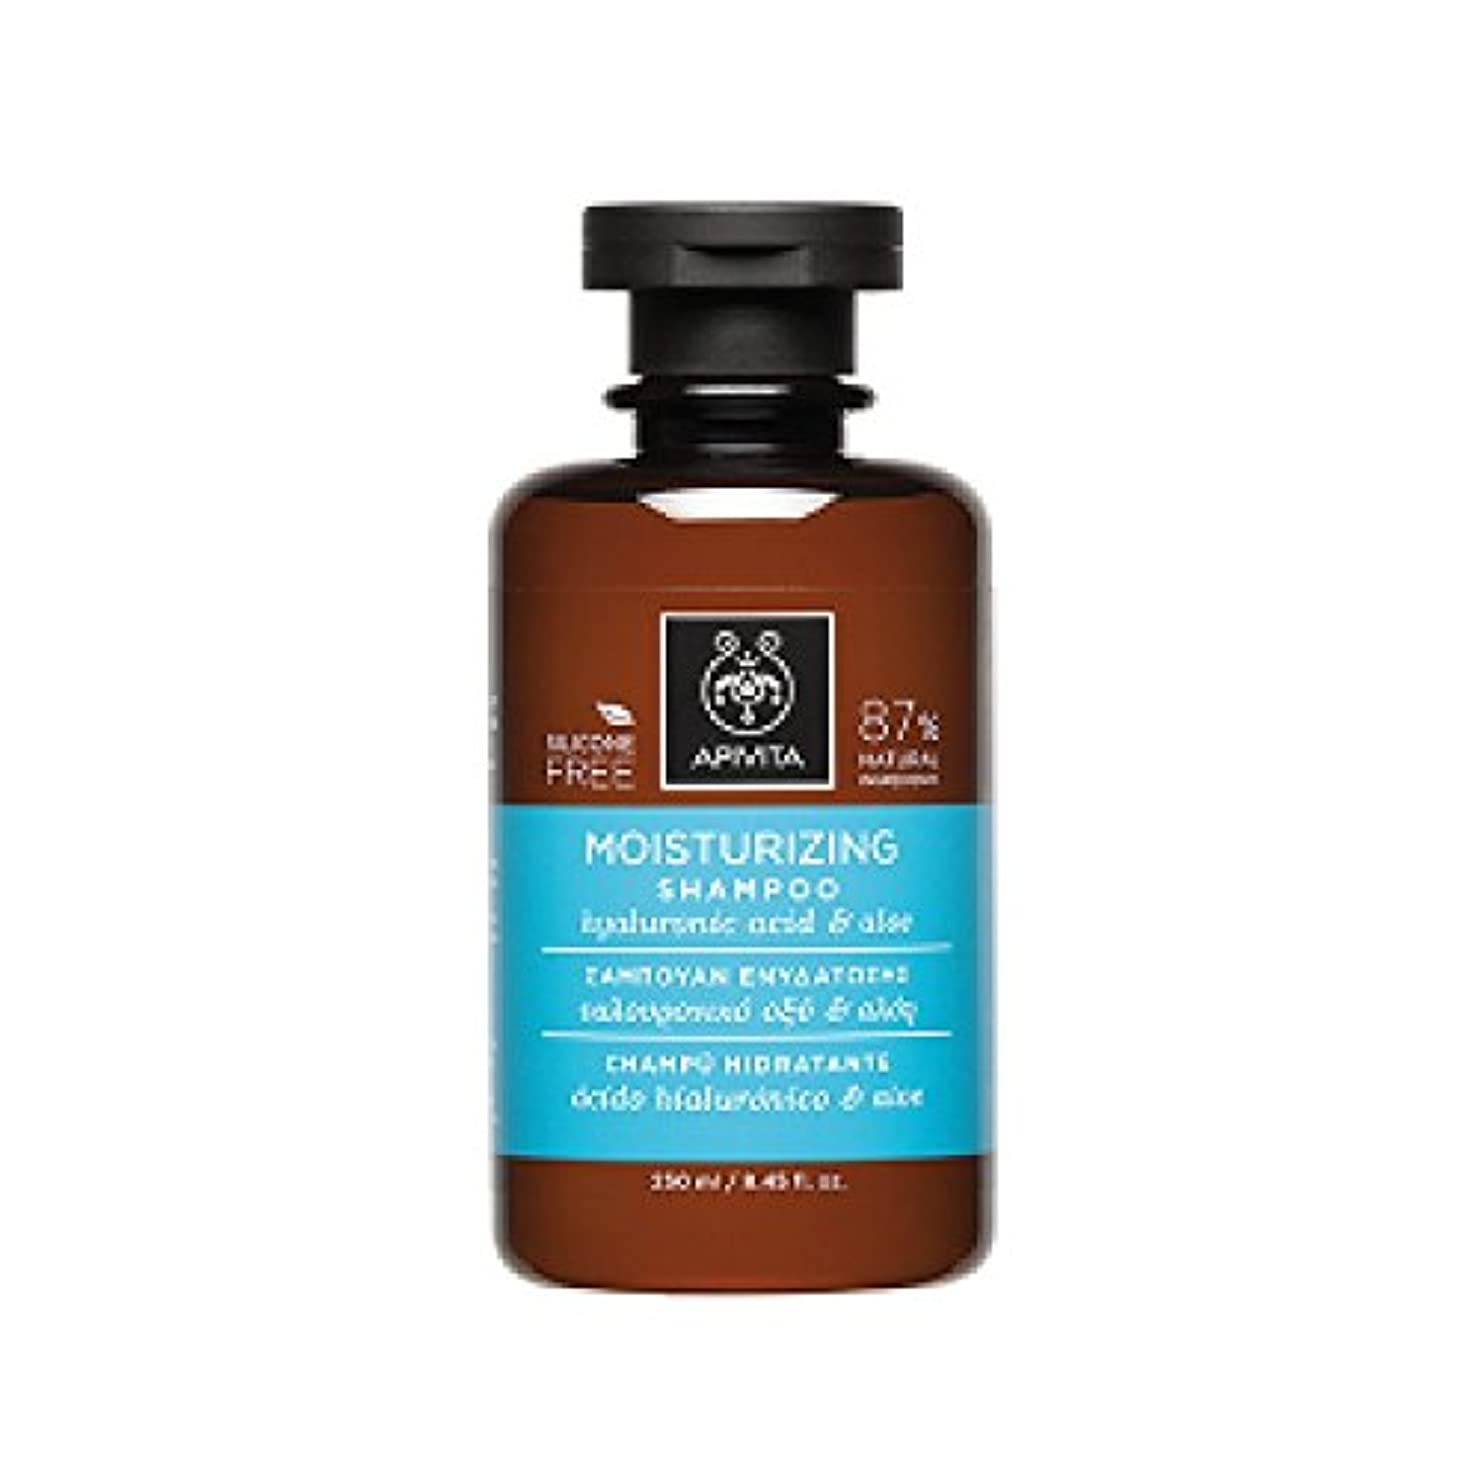 めまい海外以上アピヴィータ Moisturizing Shampoo with Hyaluronic Acid & Aloe (For All Hair Types) 250ml [並行輸入品]